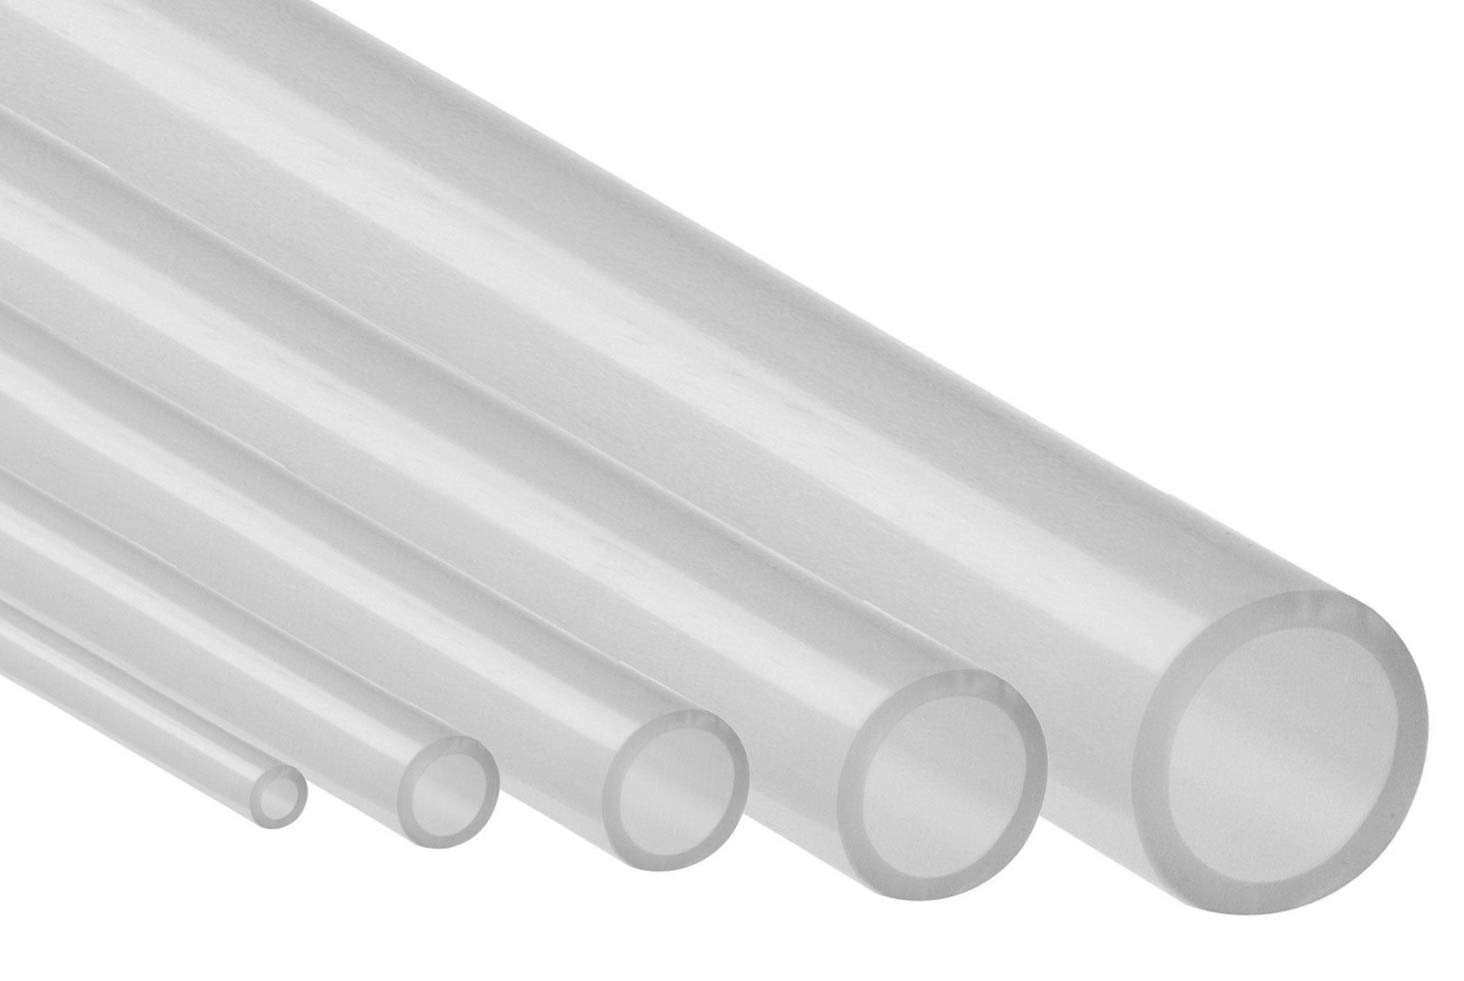 Silikonschlauch Meterware Industriequalität 60 C Bis 200 C Schlauch Transparent 2mm X 4mm Gewerbe Industrie Wissenschaft